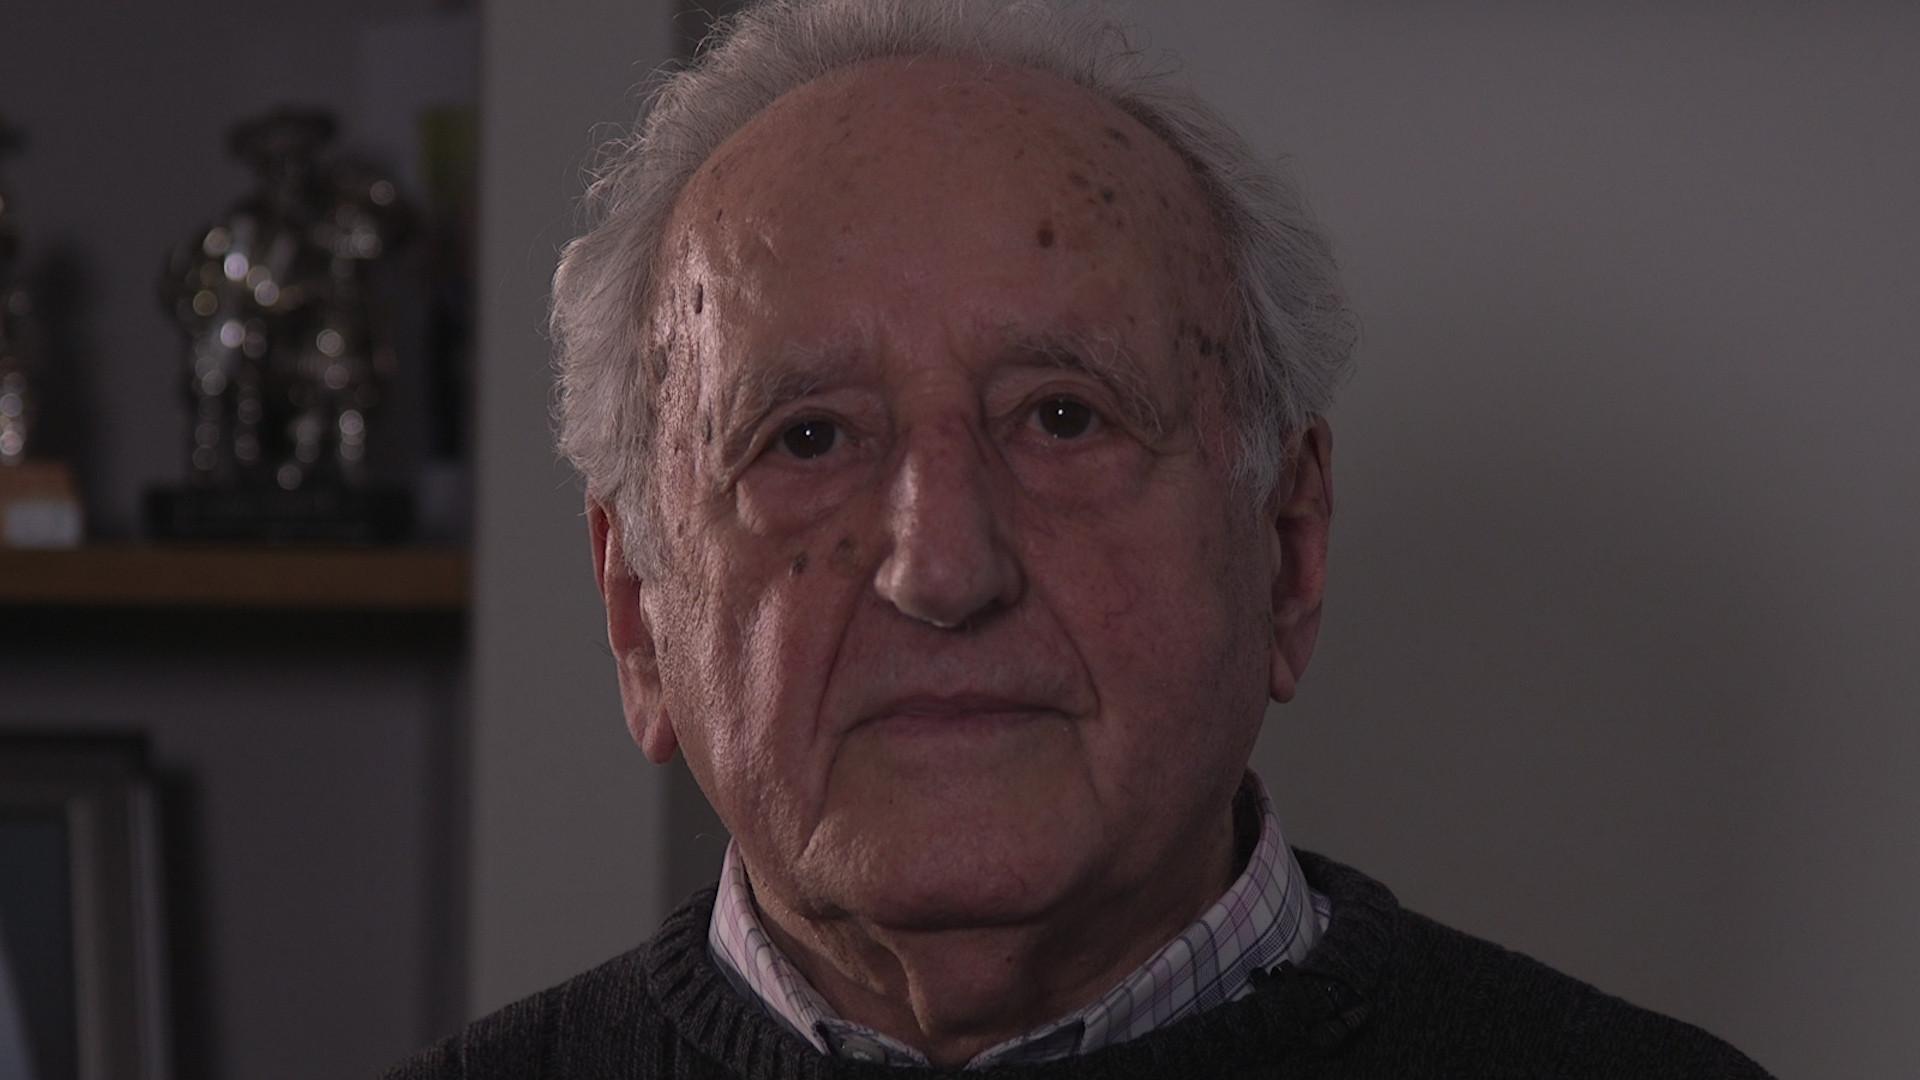 Ivor Perl, 87, was taken to Auschwitz aged just 12